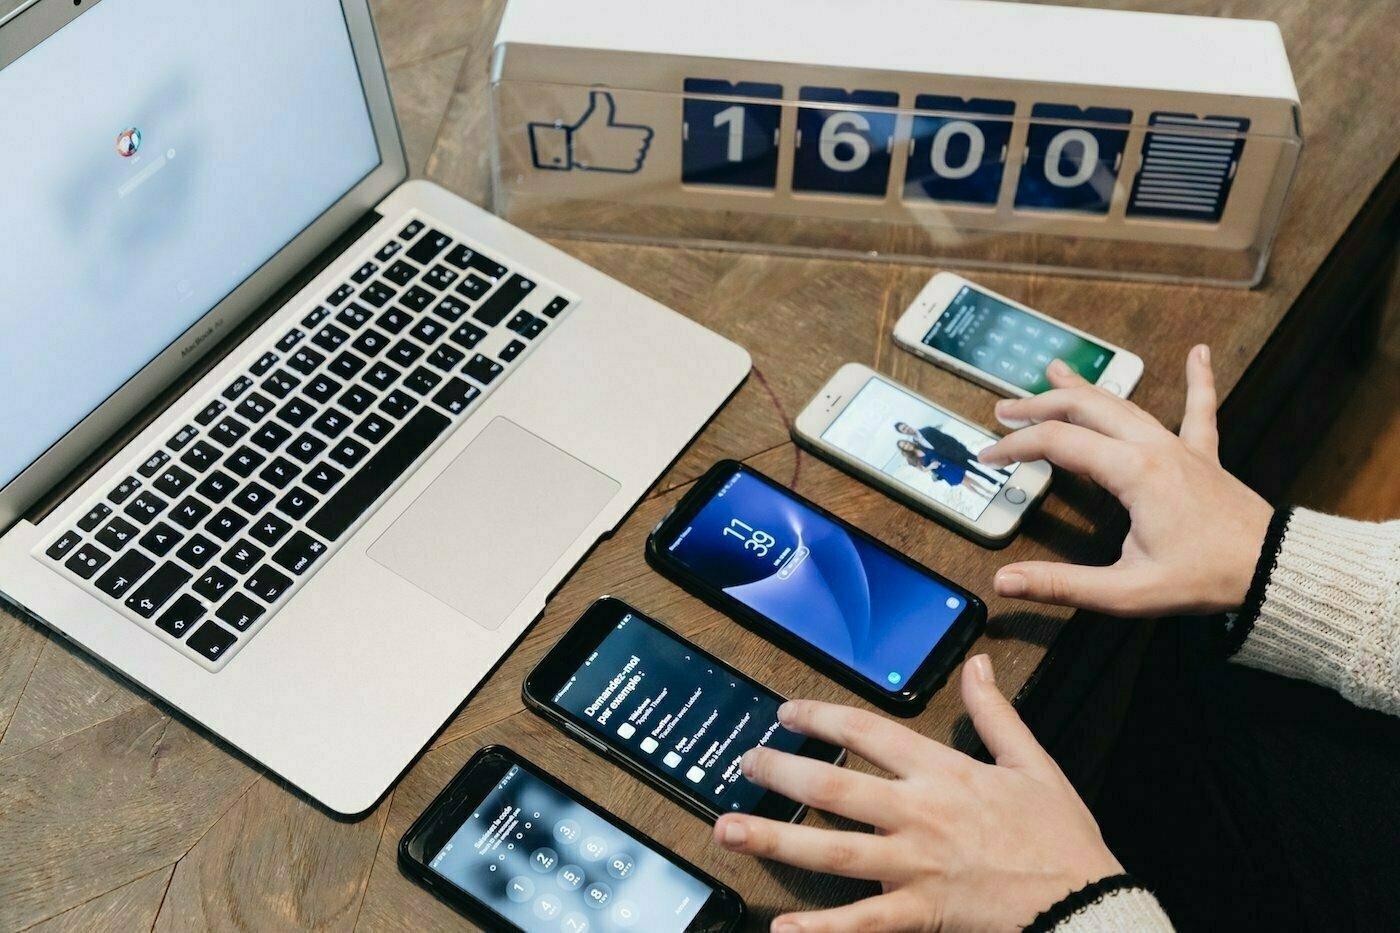 Za oponou trendu: kdo musí vychovávat digitální talenty?